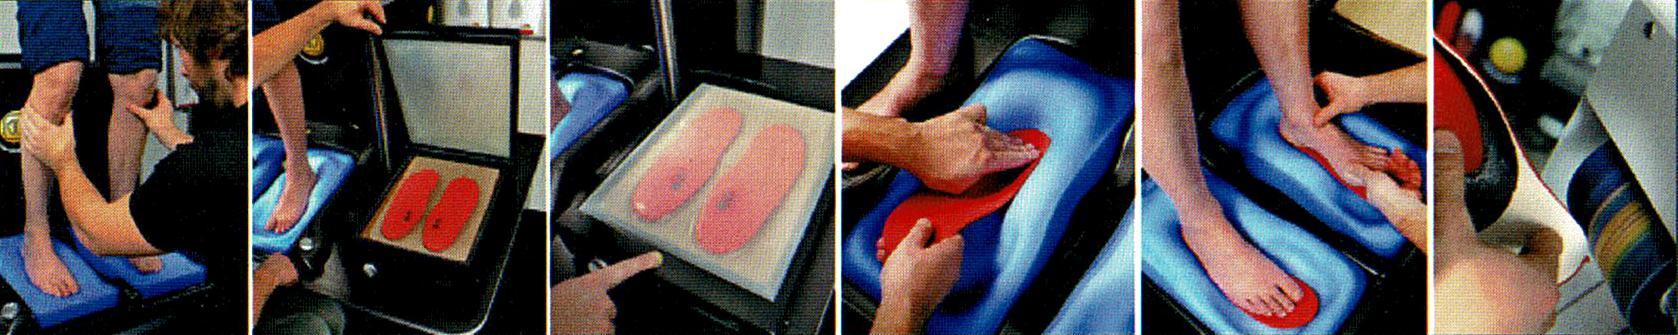 étapes bilan podologique semelles orthopédiques